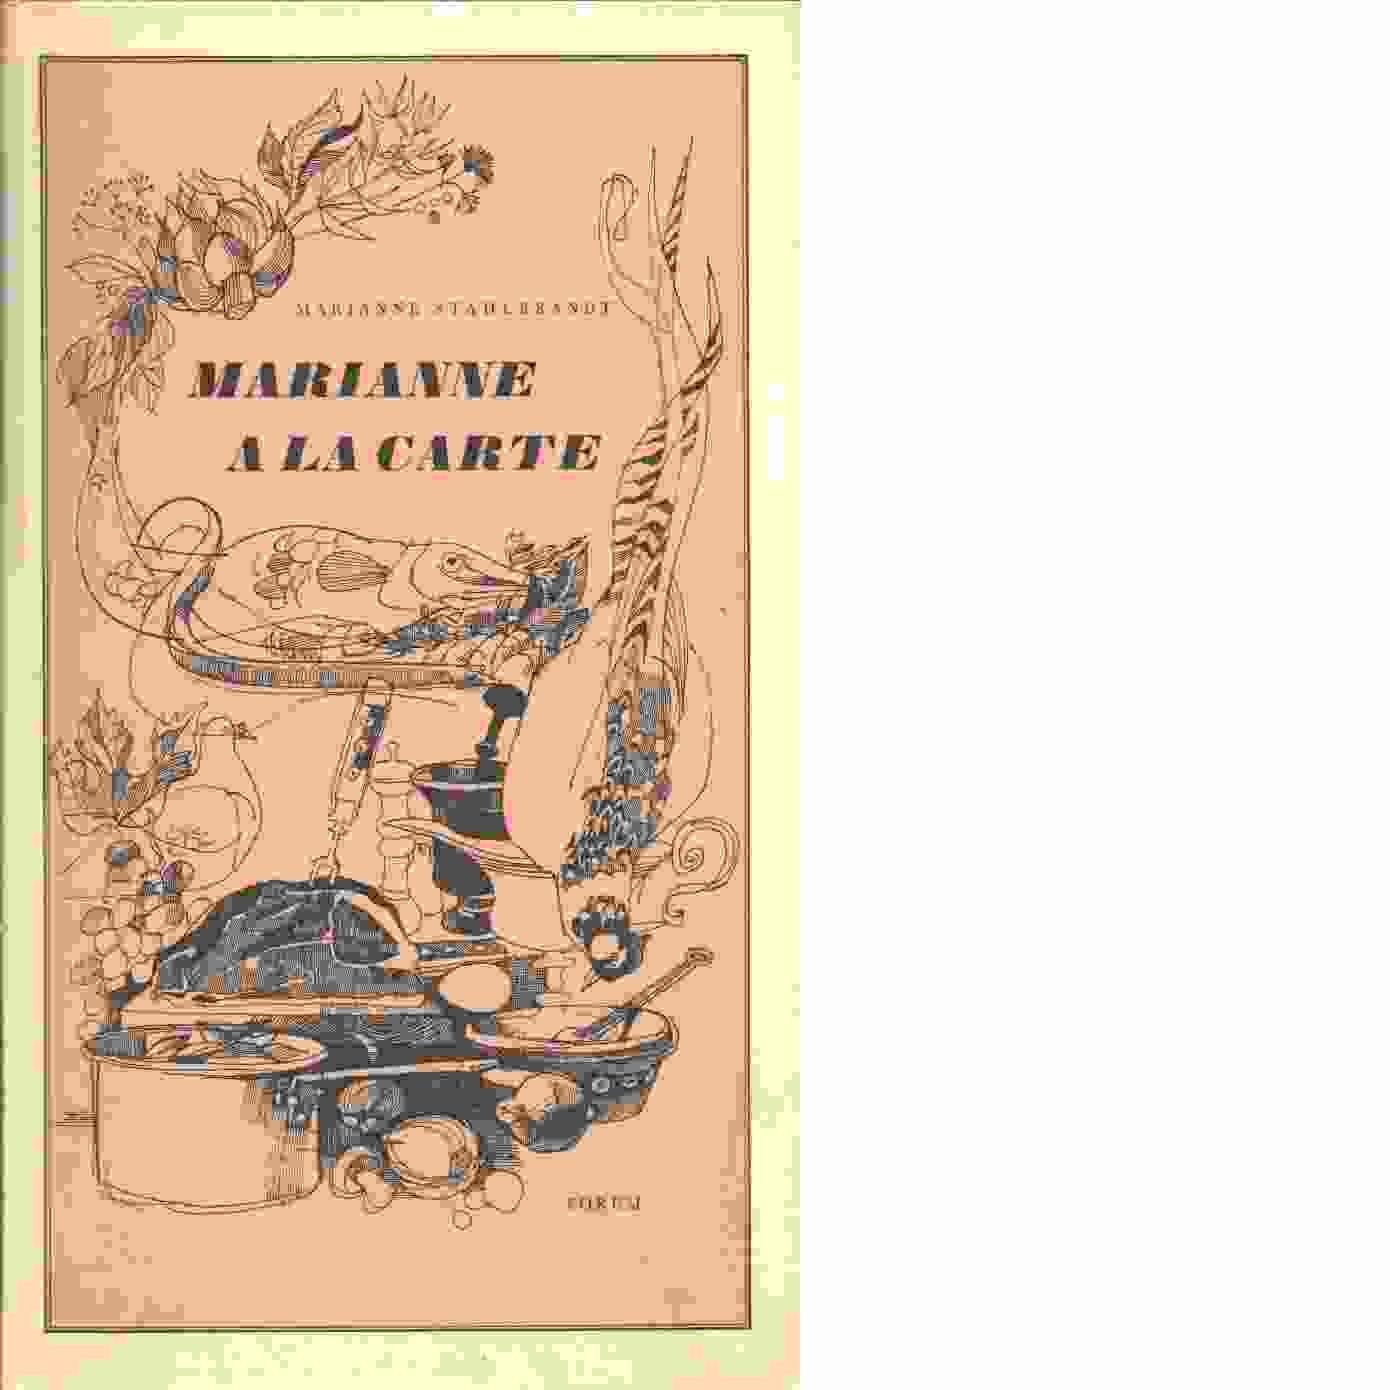 Marianne à la carte : kulinariska kåserier och roliga recept - Ståhlbrandt, Marianne